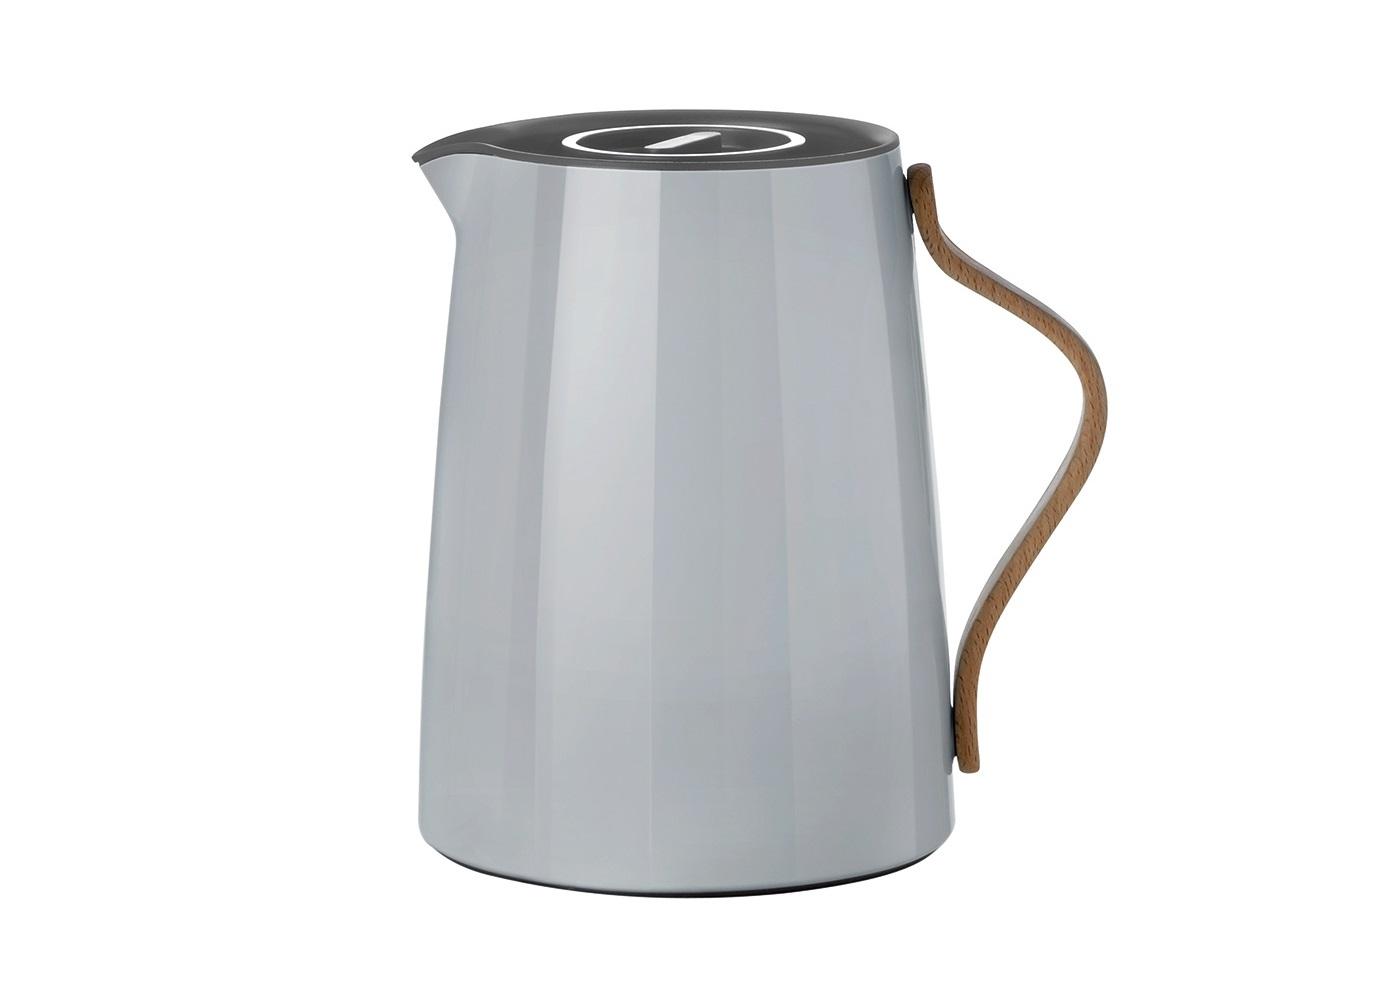 Вакуумный заварочный чайник EmmaЧайники<br>Полноценная комплектация состоит из следующих деталей: Вакуумный заварочный чайник Emma 1Л и смарт-фильтр, который позволяет регулировать степень заварки чая. Объем 1Л. Чайник подходит только для заваривания чая. Инструкция по использованию: 1. Достаньте фильтр из чайника и залейте в чайник горячую воду. 2.Отвентите внешний(верхний) фильтр от основного(внутреннего) фильтра. 3.Возьмите основной фильтр и отделите друг от друга части, из которых он состоит. 5. Положите чайные листья в нижнюю часть основного фильтра и закройте сверху второй, верхней частью. При правильном соединении будет слышен щелчок. 6. Надежно прикрутите внешний фильтр к основному фильтру. 7.Чайник готов к использованию. Для того, чтобы чай начал завариваться, поверните фильтр к символу круга. Вы можете контролировать степень заварки, чтобы избежать горького вкуса чая. Когда чай заварился до нужной Вам степени, поверните фильтр к символу крест. Таким образом чай перестанет завариваться. 8. Для того, чтобы разлить чай в чашки, поверните фильтр к положению круга, после разлива - верните фильтр в положение креста. Фильтр необходимо промывать вручную. Чтобы избежать возникновения бактерий внутри чайника, после использования промывайте внутреннюю часть кипятком. Внешнюю часть чайника рекомендуется протирать влажной тряпкой, при необходимости допустимо использование моющего средства. Запрещено мыть в посудомоечной машине и использовать любые абразивные средства при очистке изделия.&amp;amp;nbsp;<br><br>Material: Сталь<br>Length см: None<br>Width см: 17<br>Depth см: 14<br>Height см: 19.5